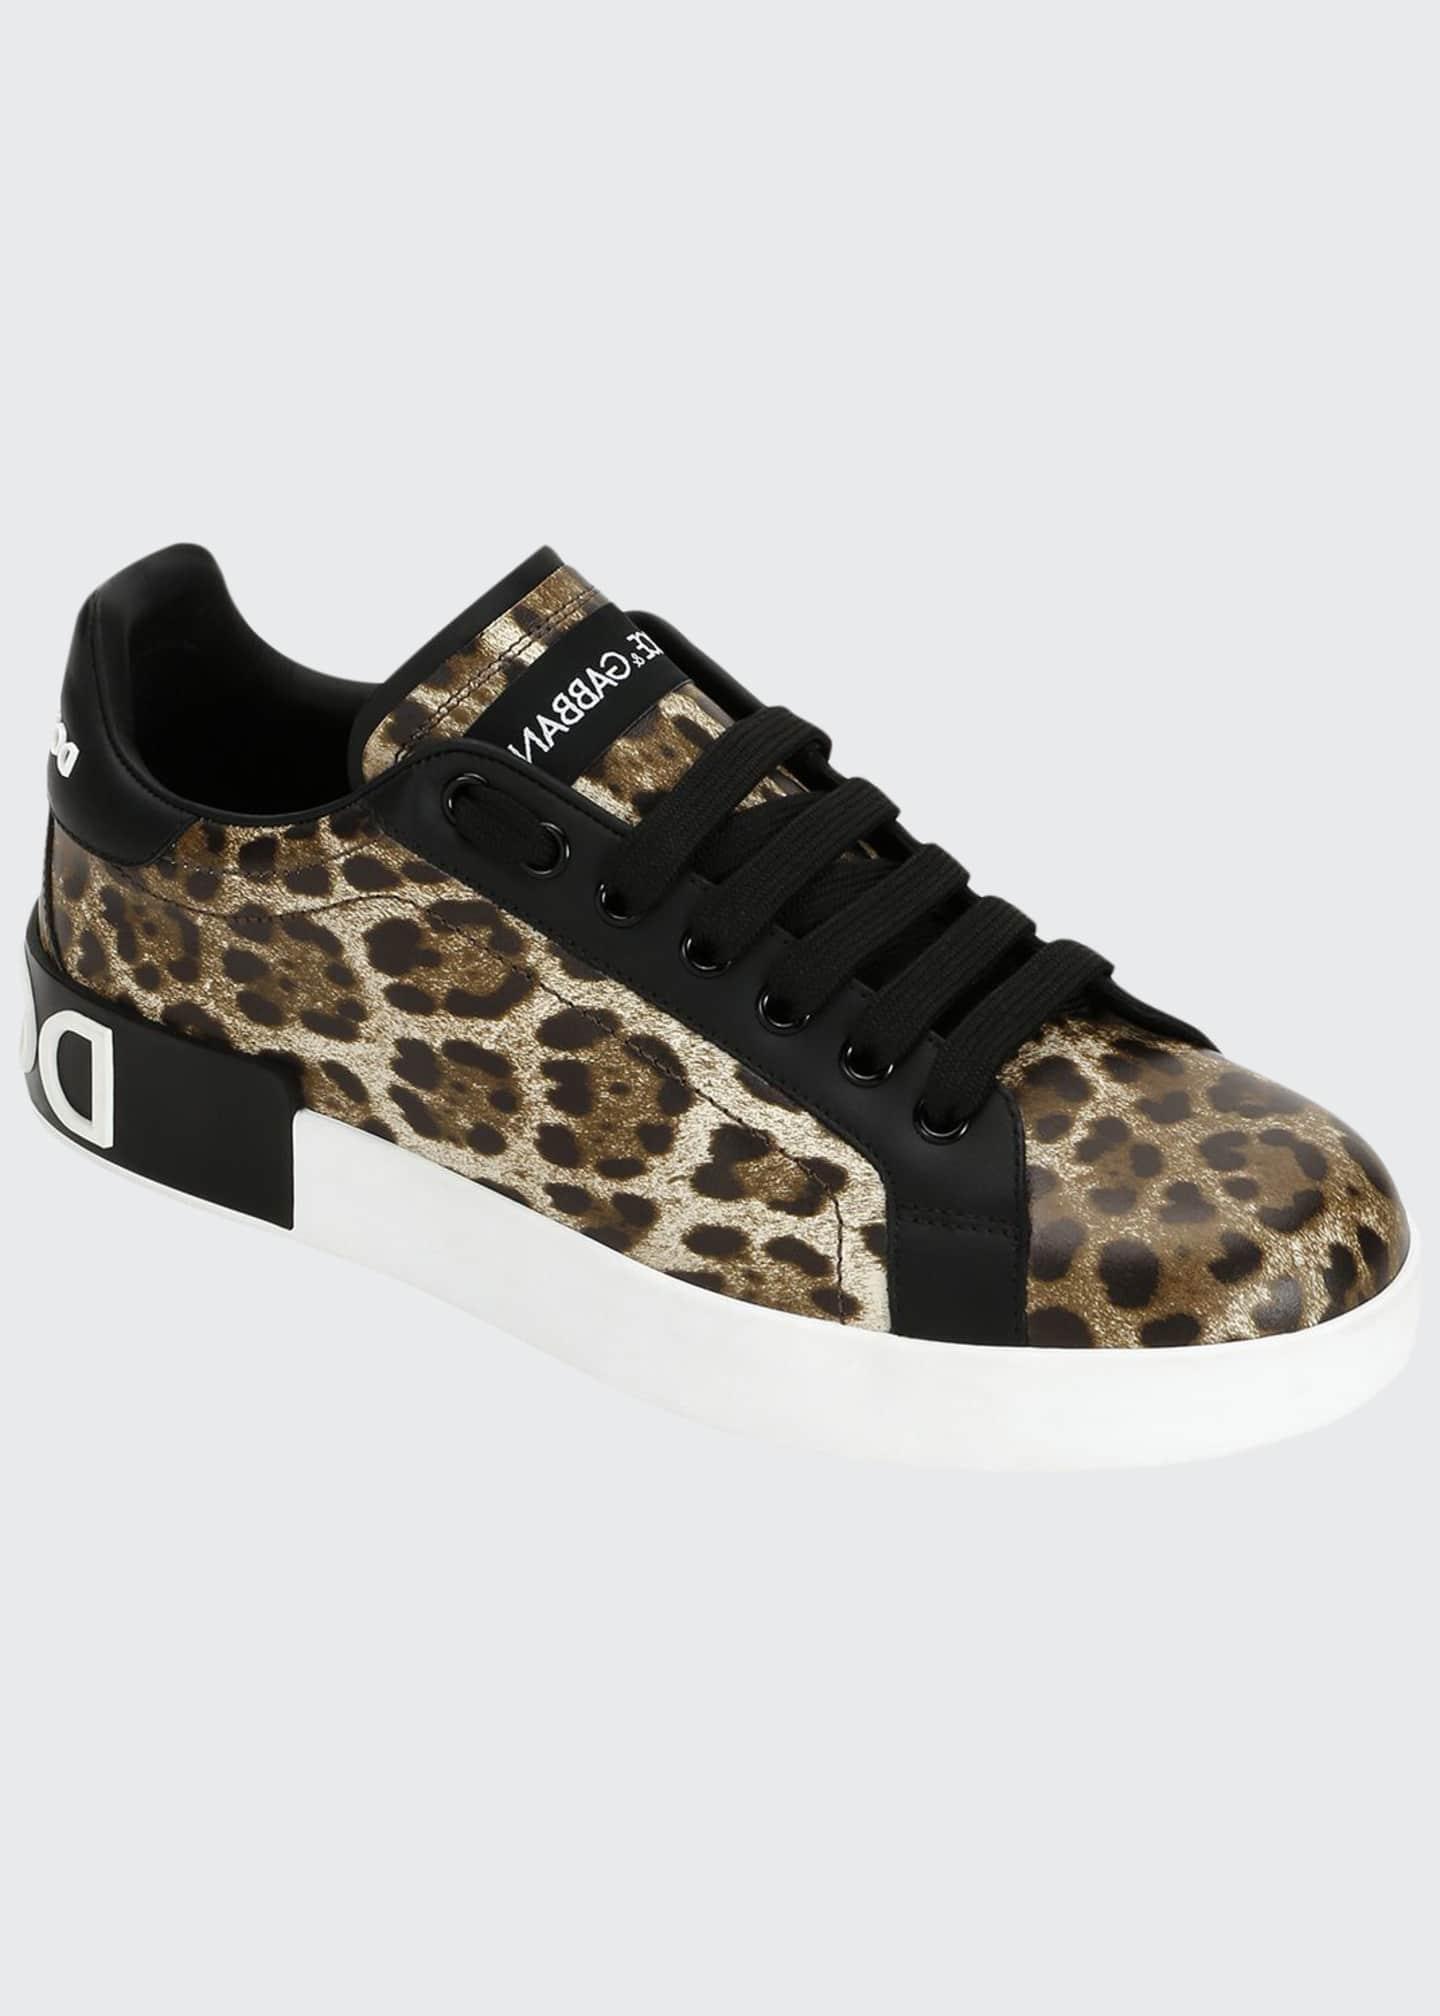 Dolce & Gabbana Leopard Logo Low-Top Sneakers